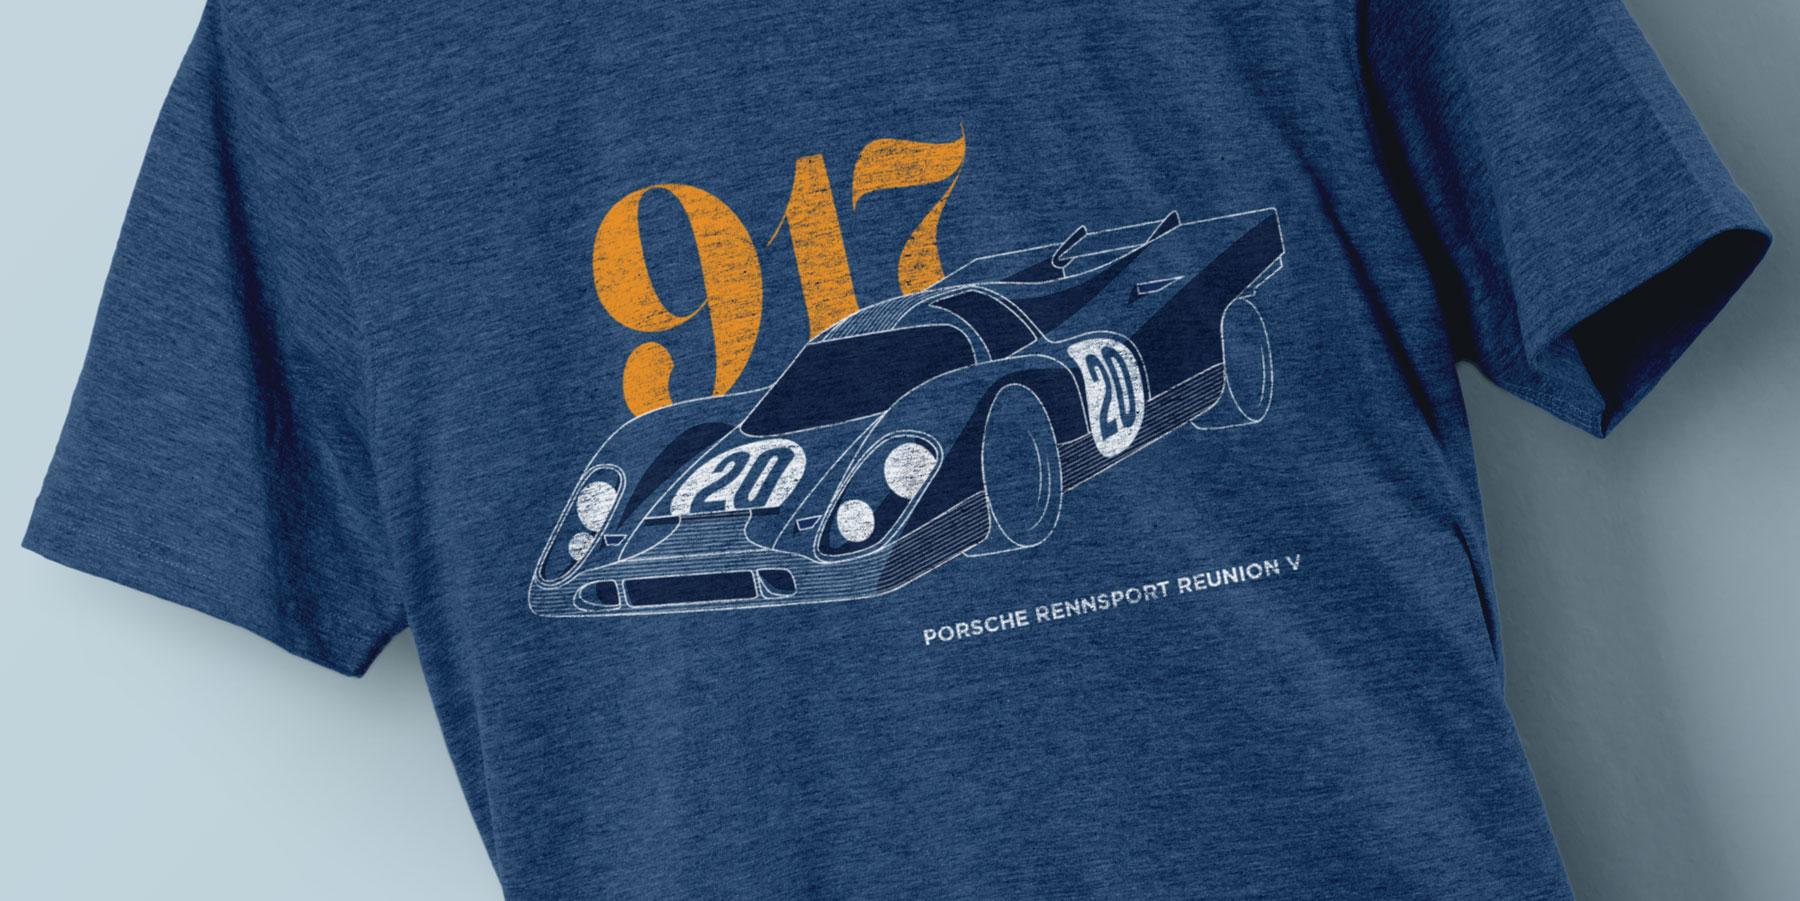 PorscheTshirt3